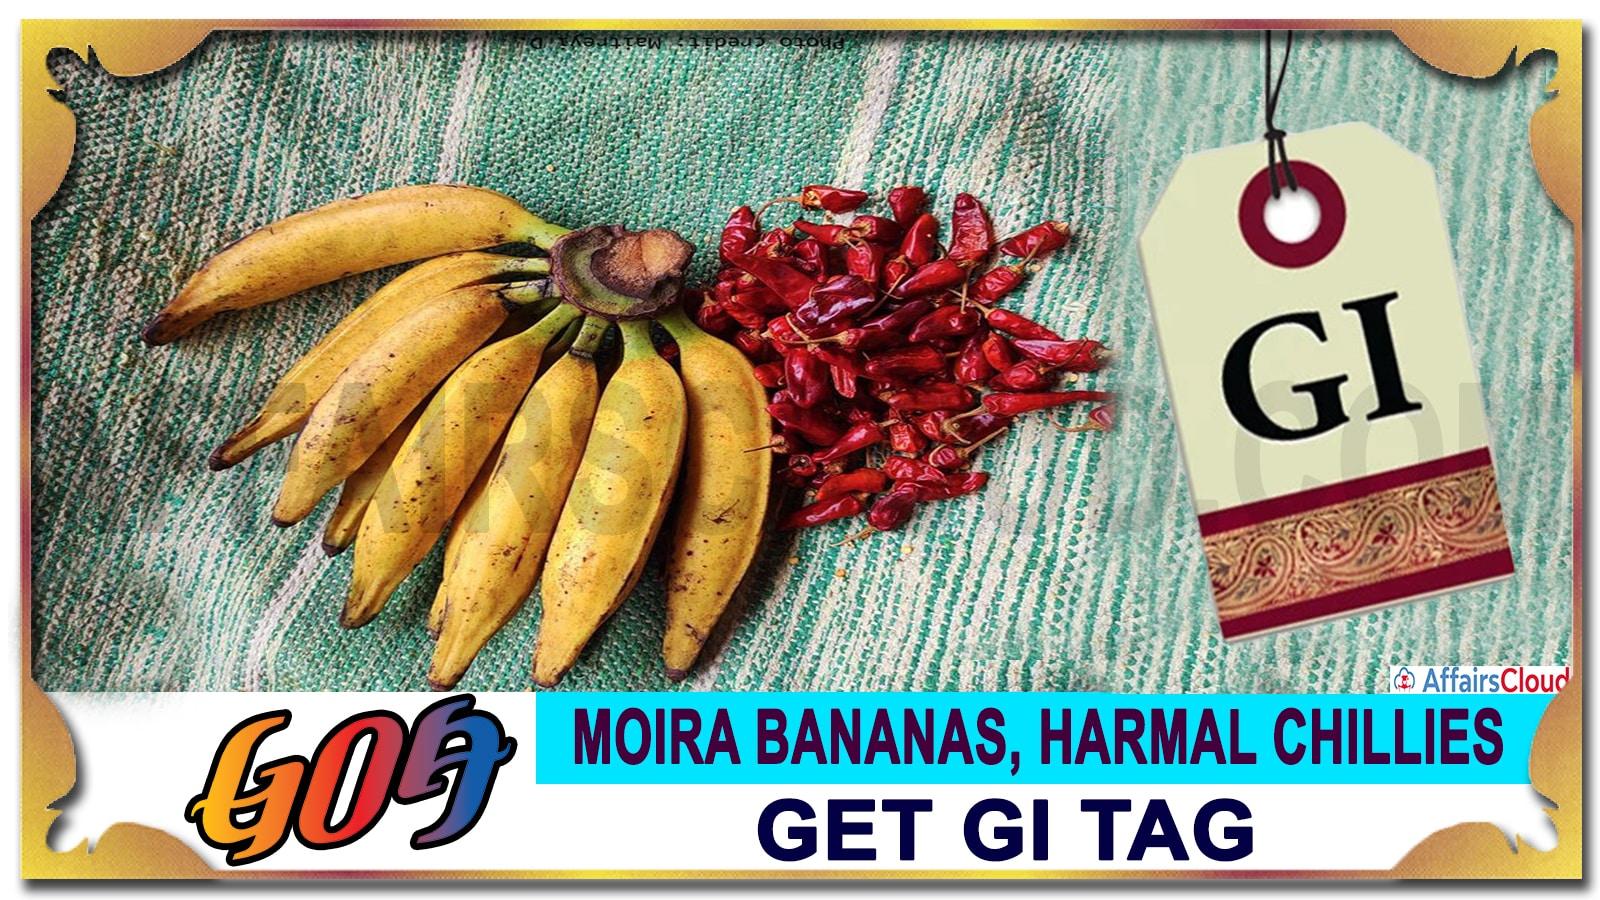 Goa Moira bananas, Harmal chillies get GI tag